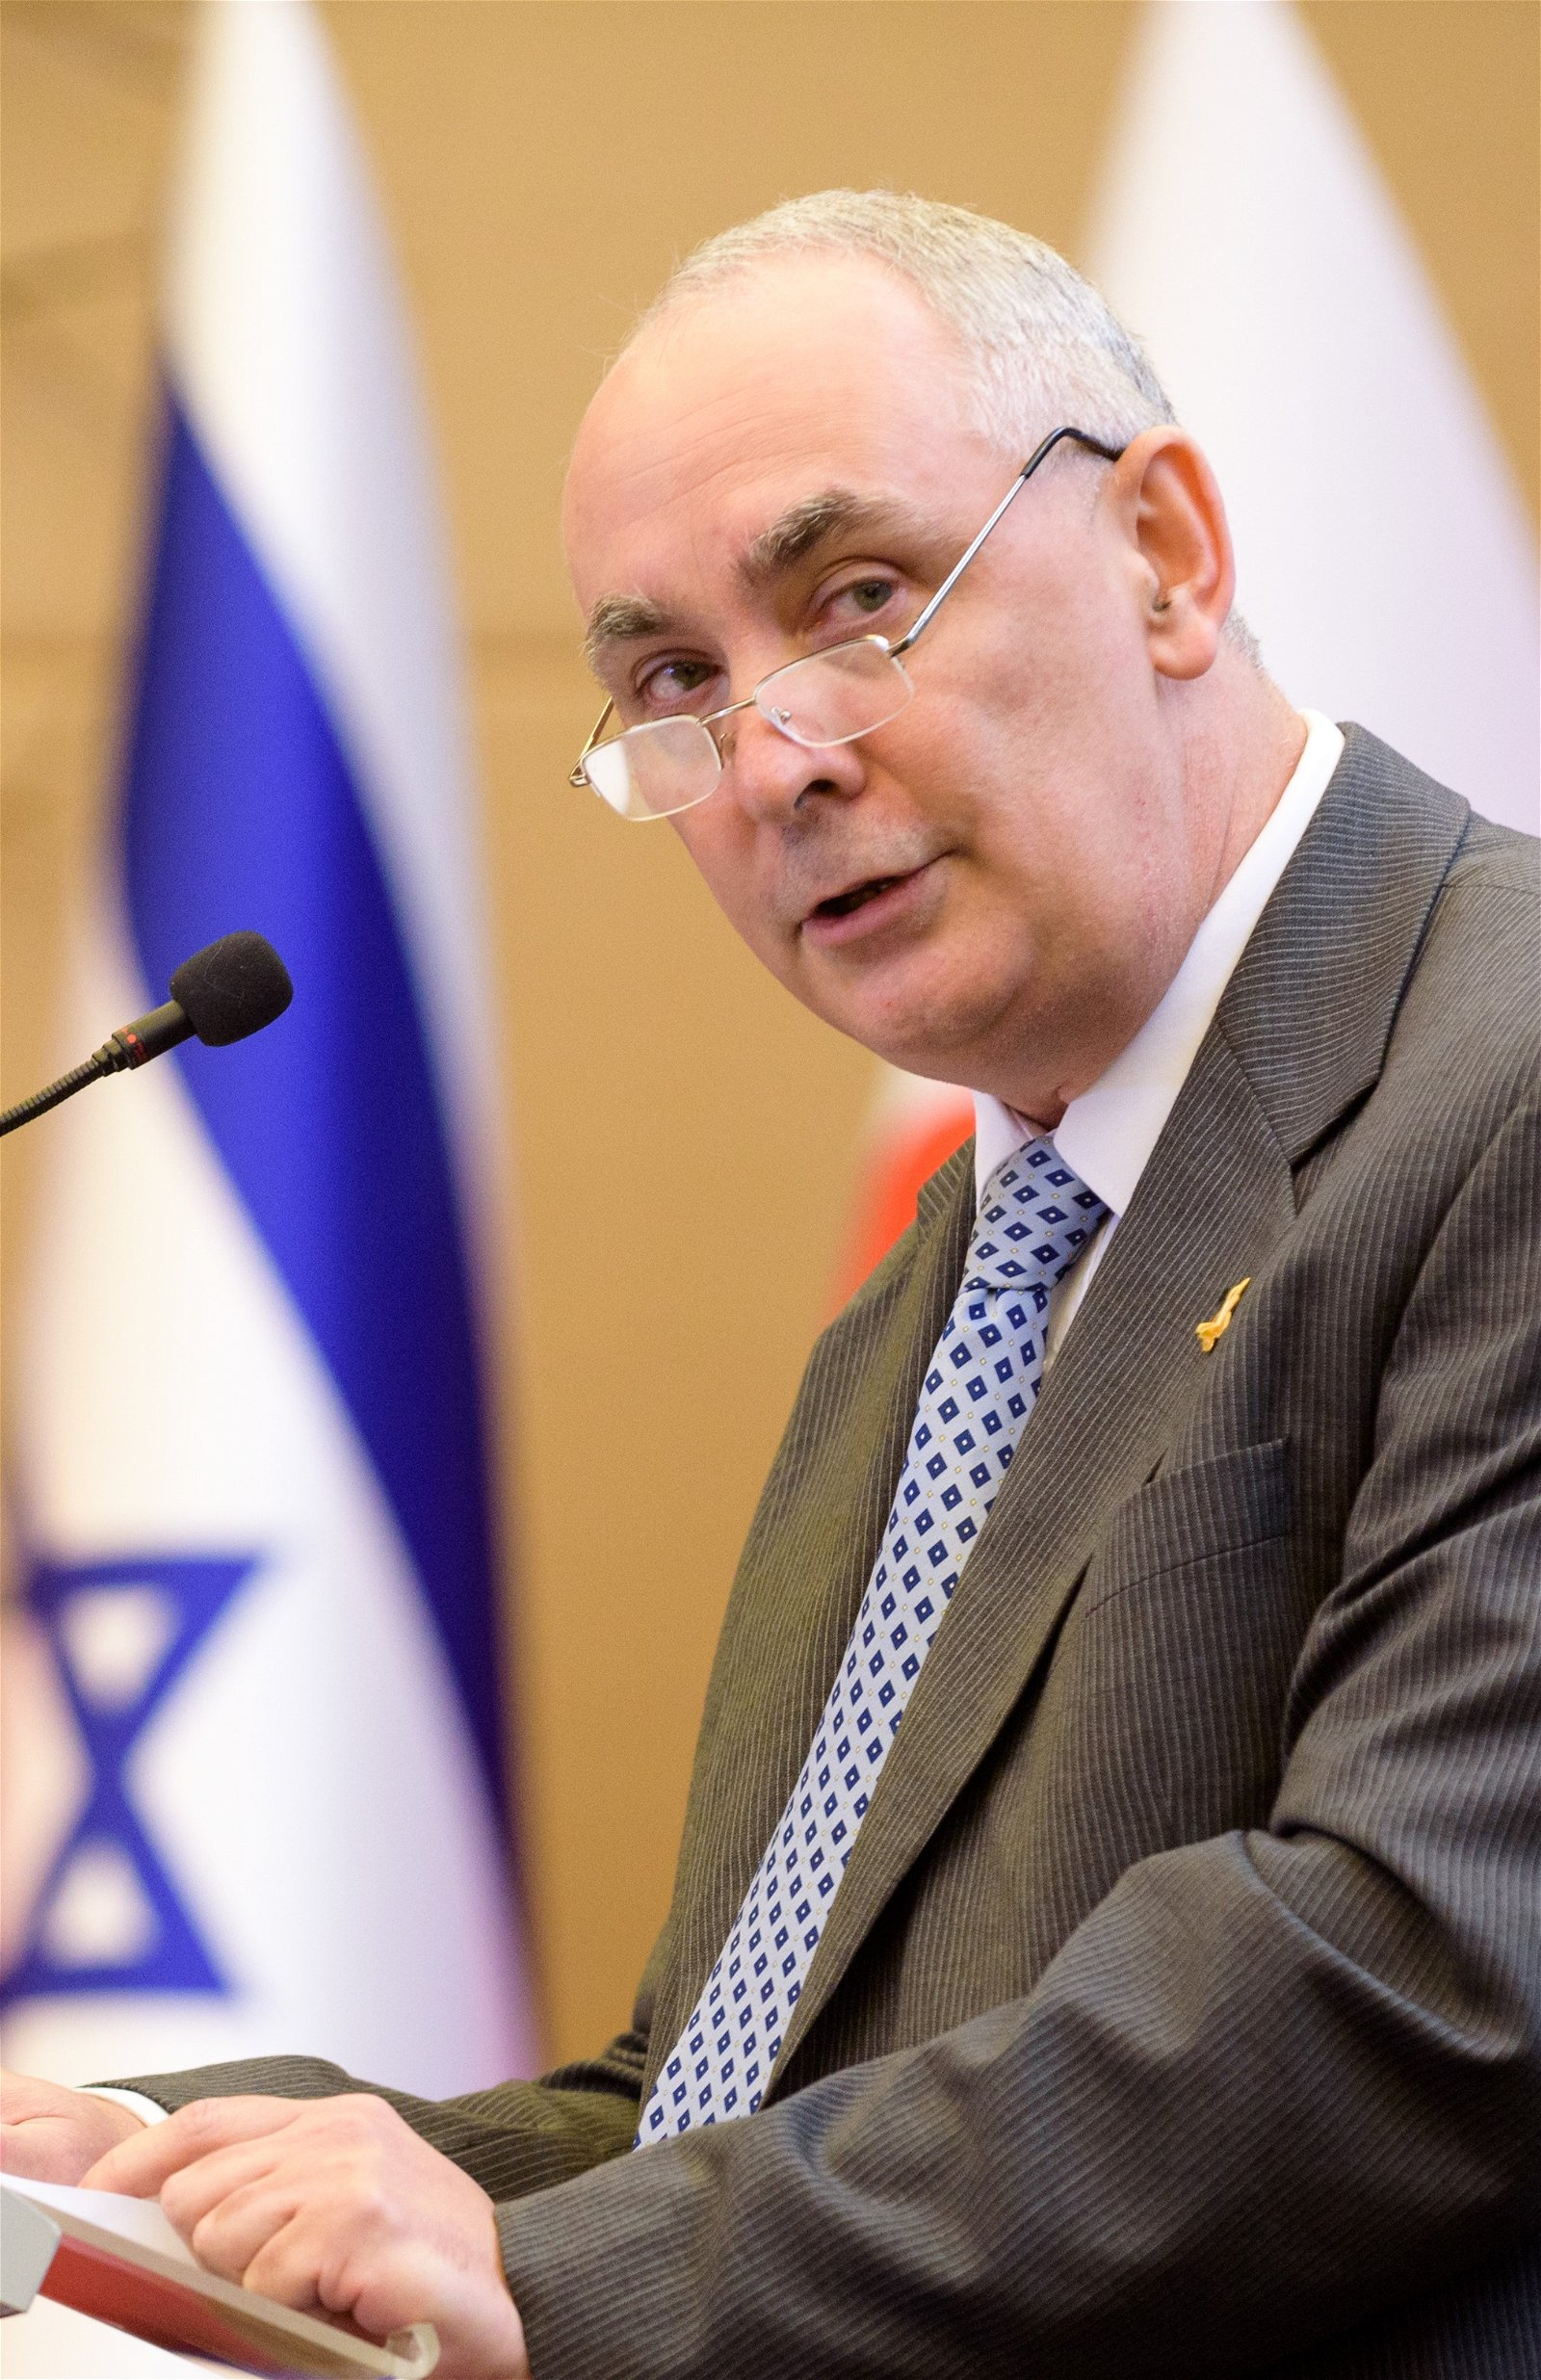 Ricardo Baretzky